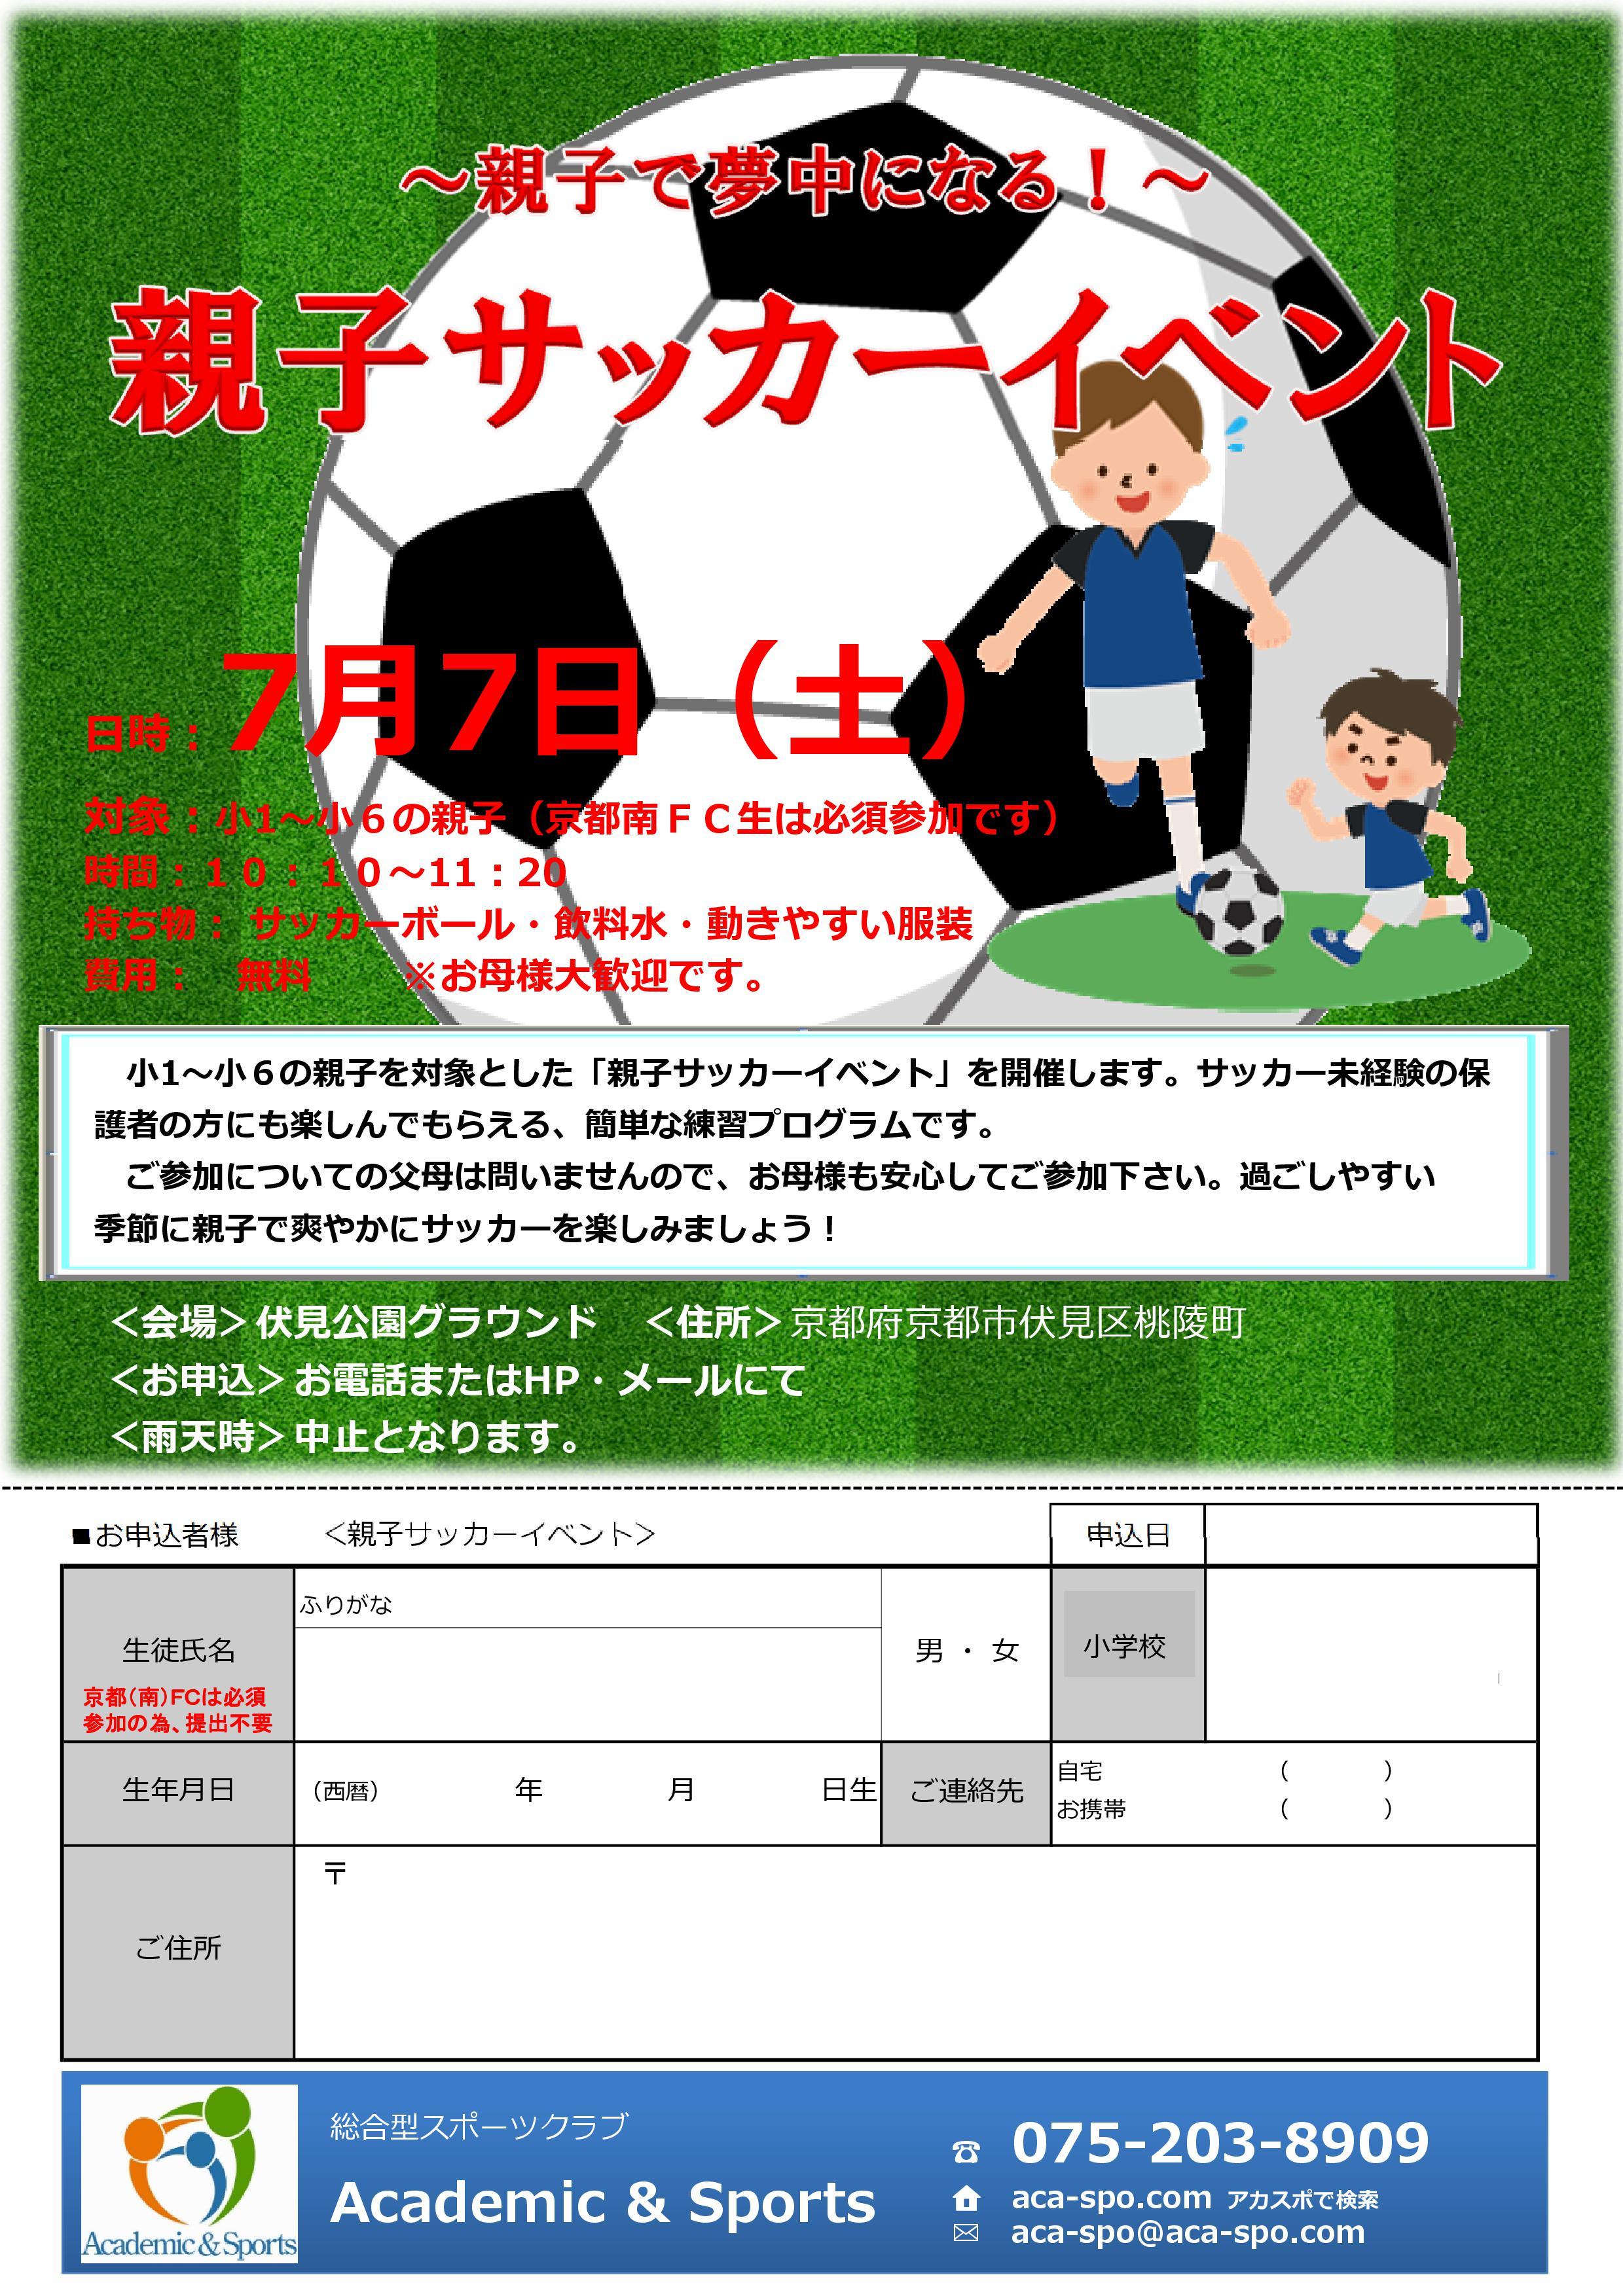 Microsoft PowerPoint - 親子サッカーイベント